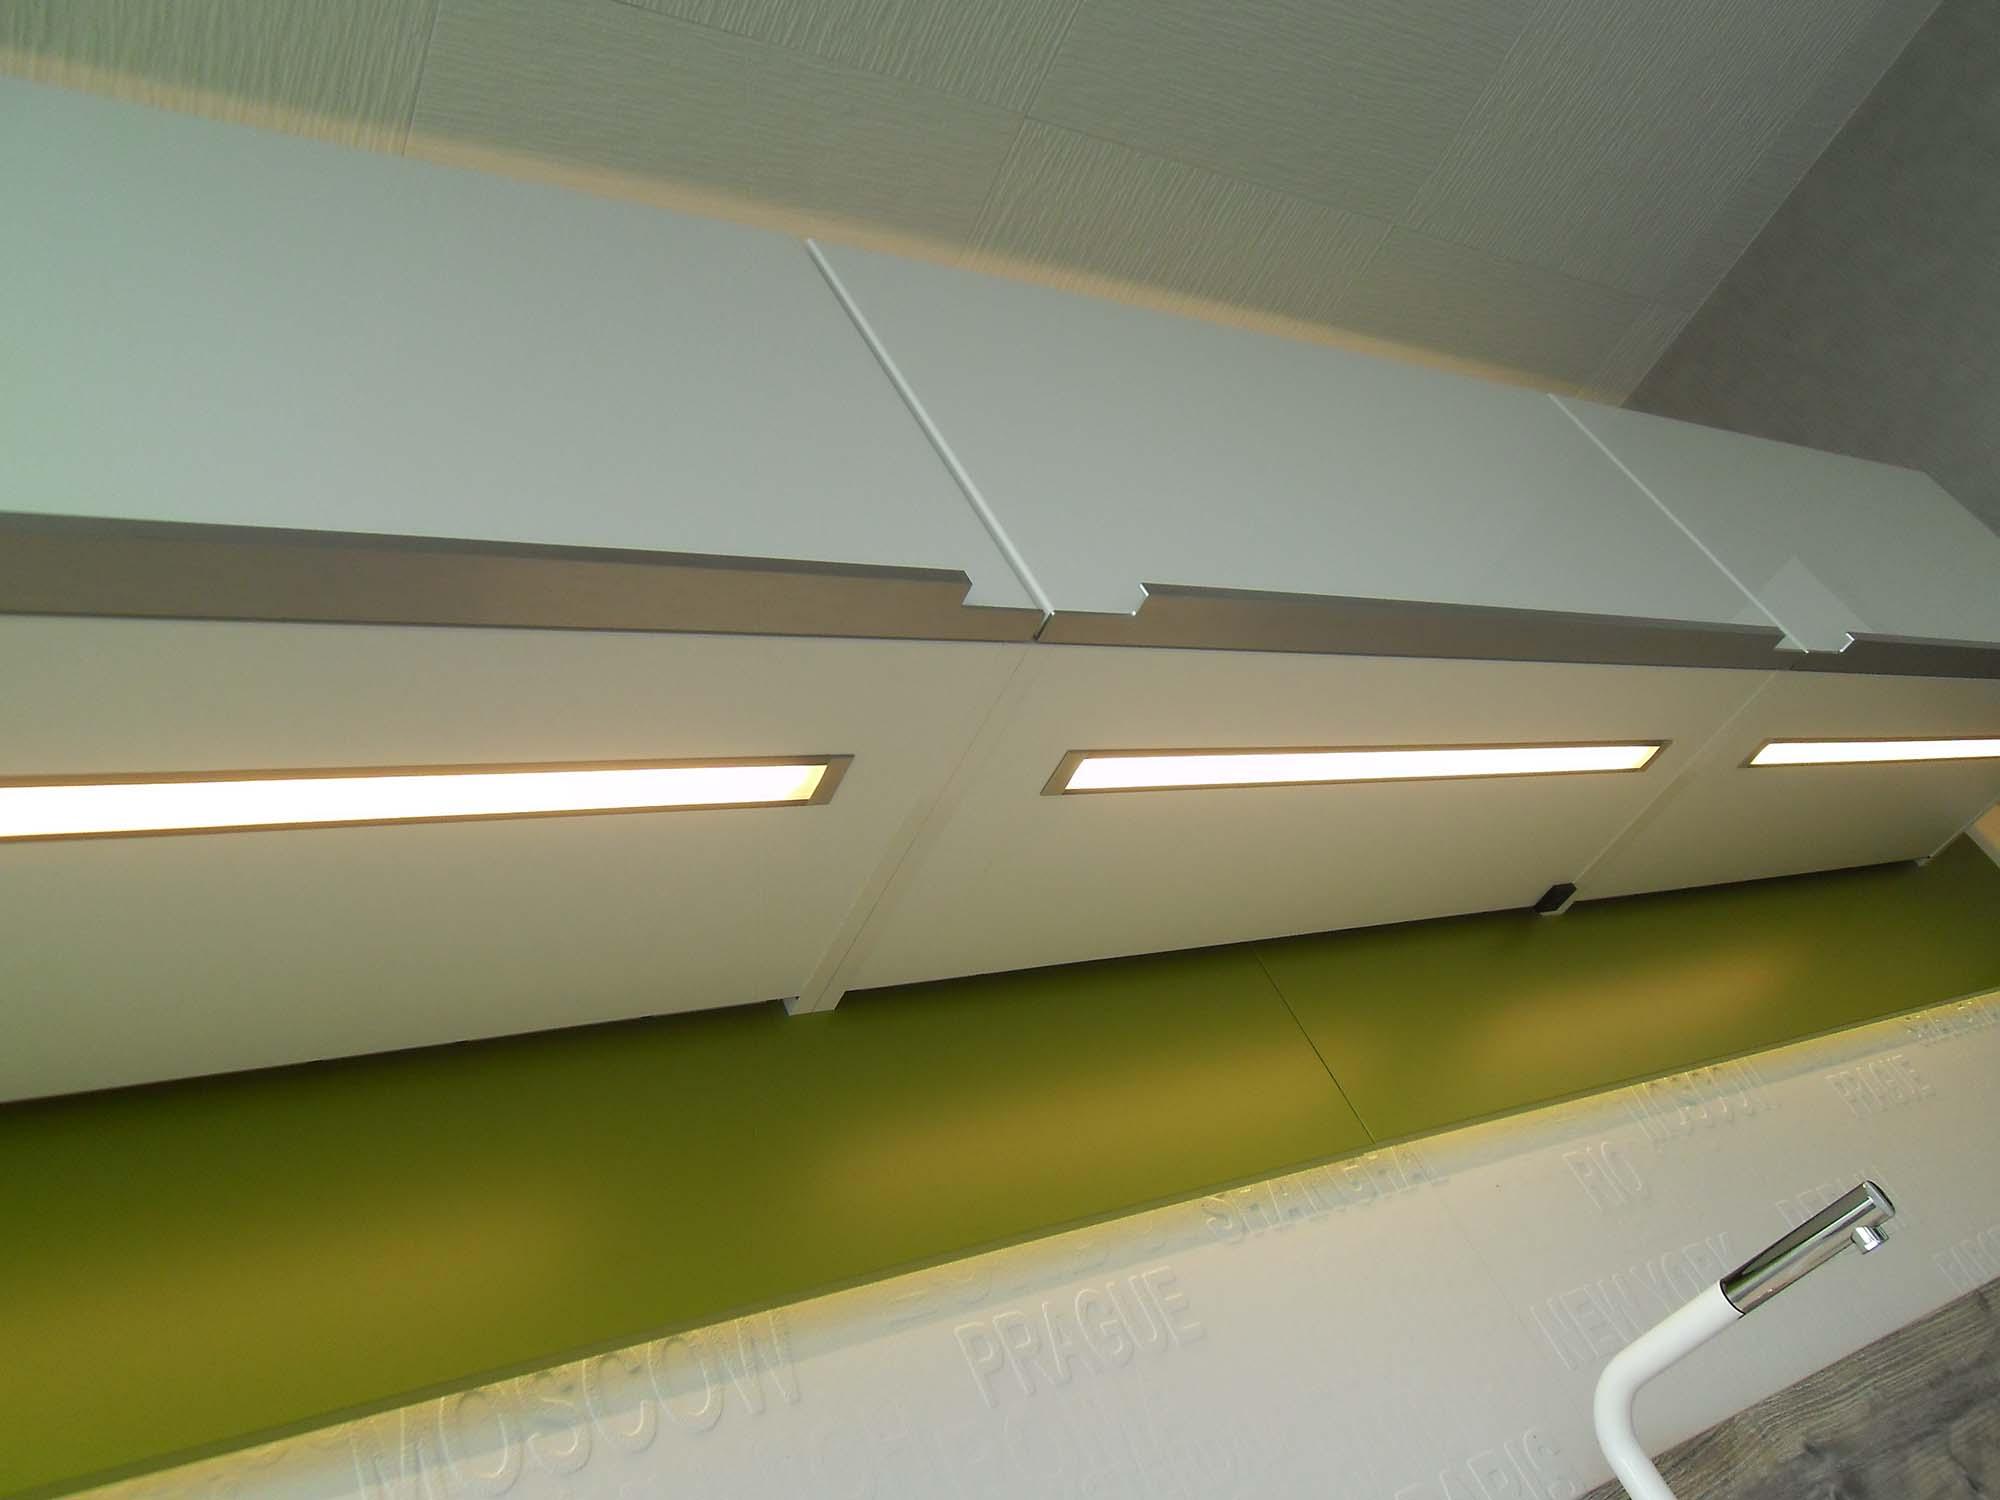 Oberschränke mit fächenbündig eingebauter LED-Beleuchtung